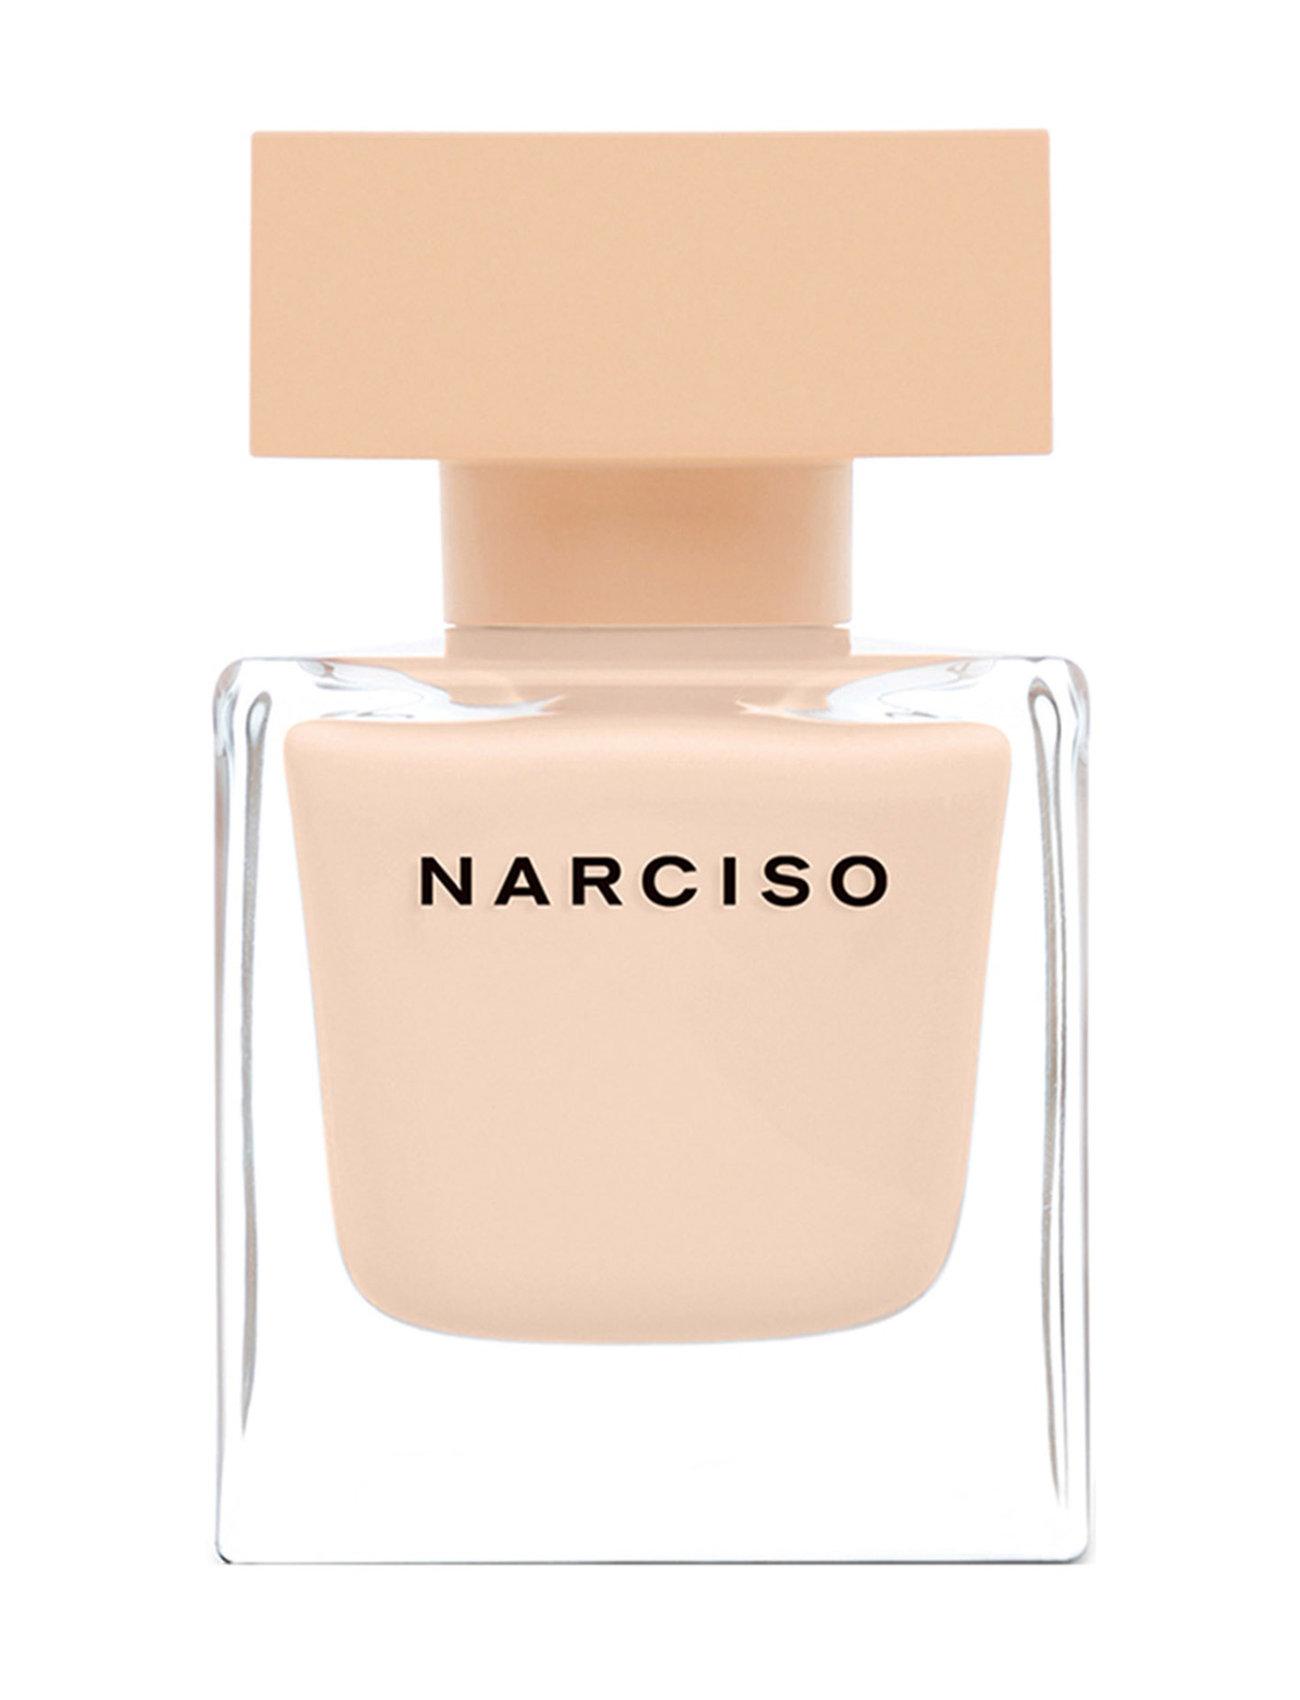 narciso rodriguez Narciso rodriguez narciso poudree e på boozt.com dk